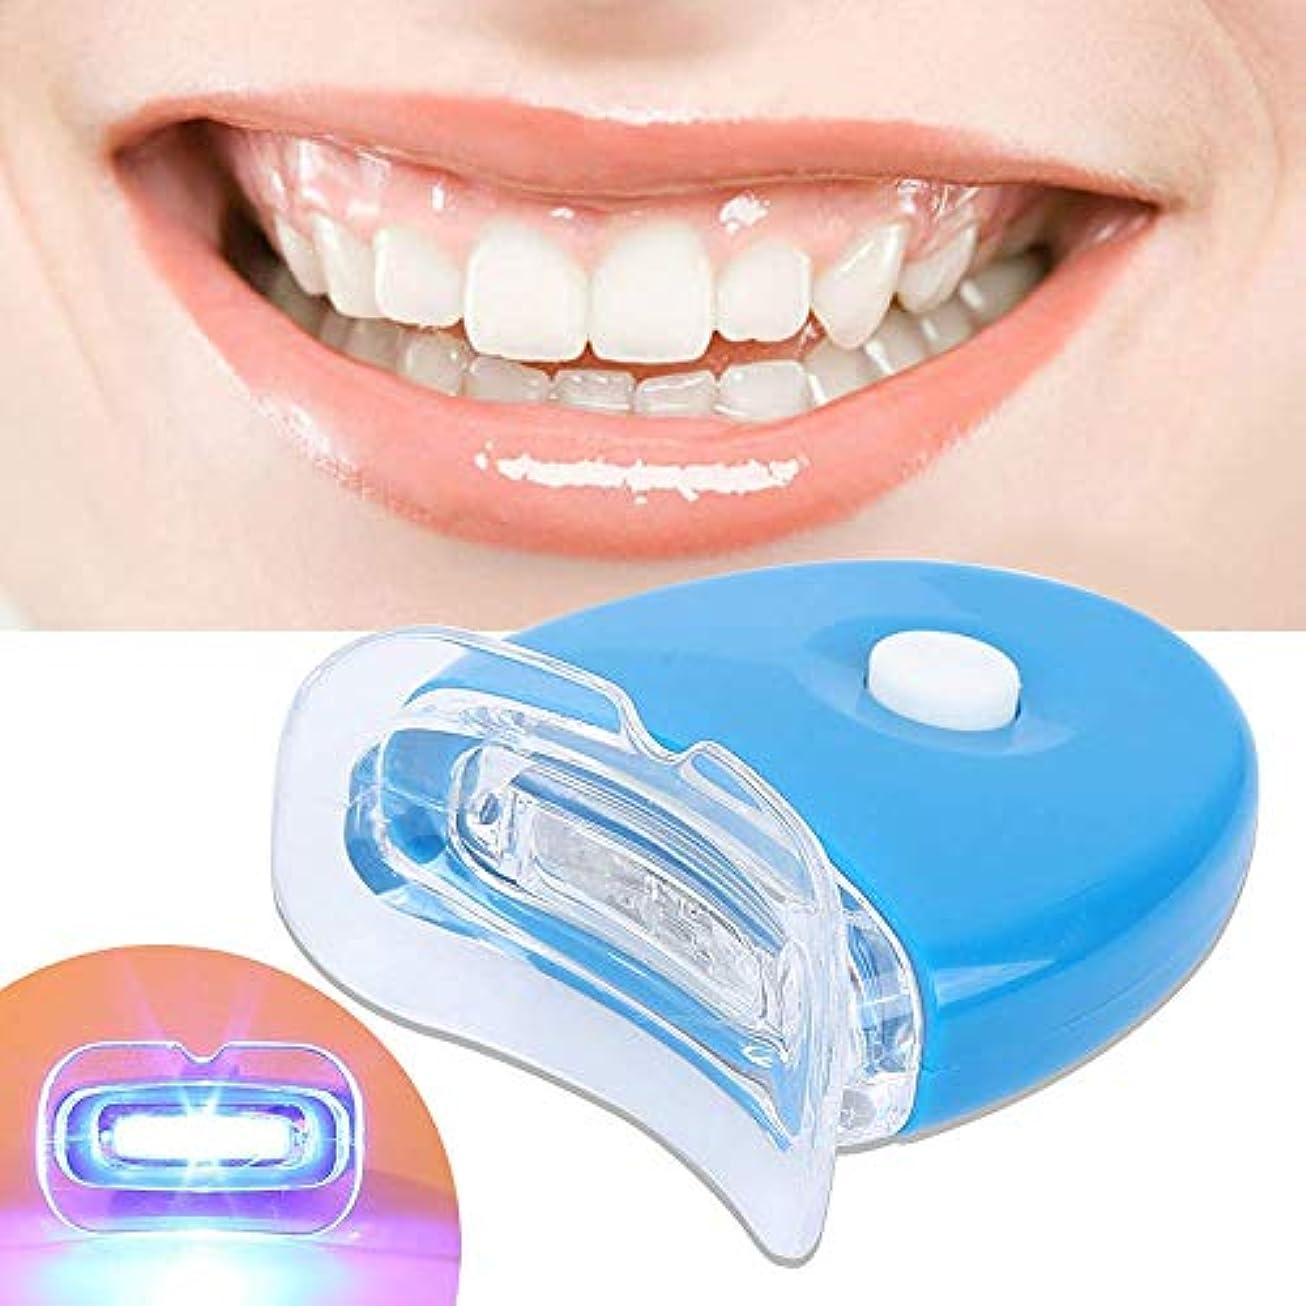 ショッキング避難アジア人オフィスの家の十代の若者たちのための歯のホワイトナーの心配の健康な歯科白くなるLEDライトを白くする歯